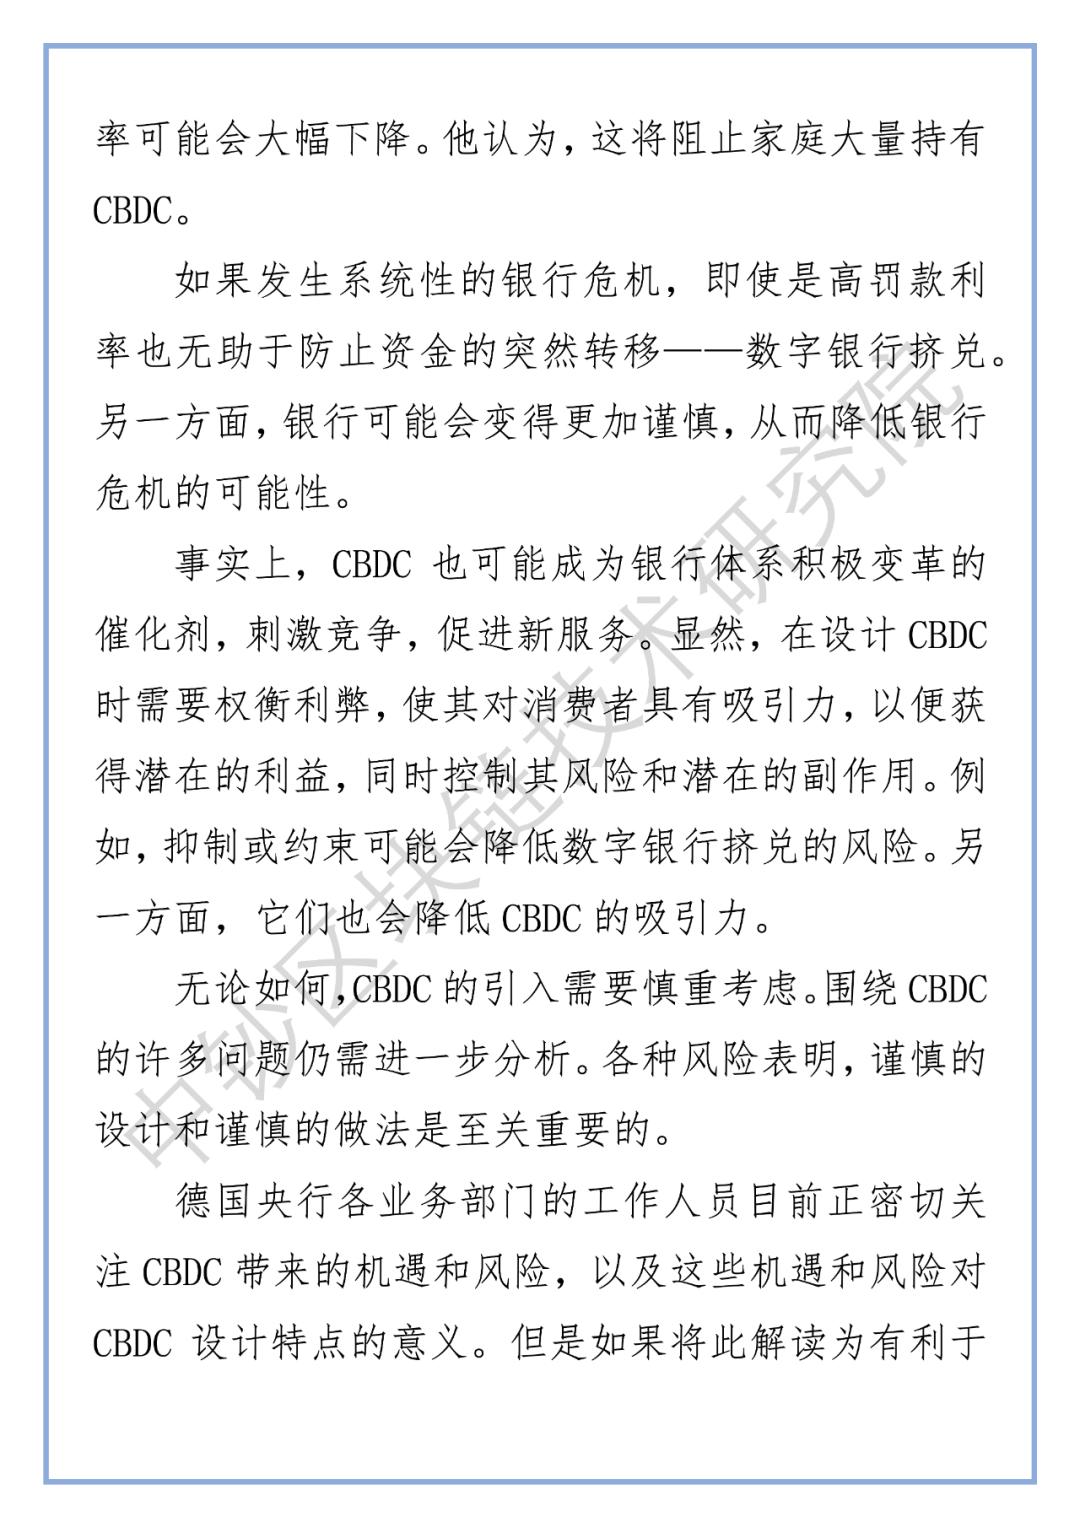 德国央行行长:正密切关注CBDC带来的机遇和风险